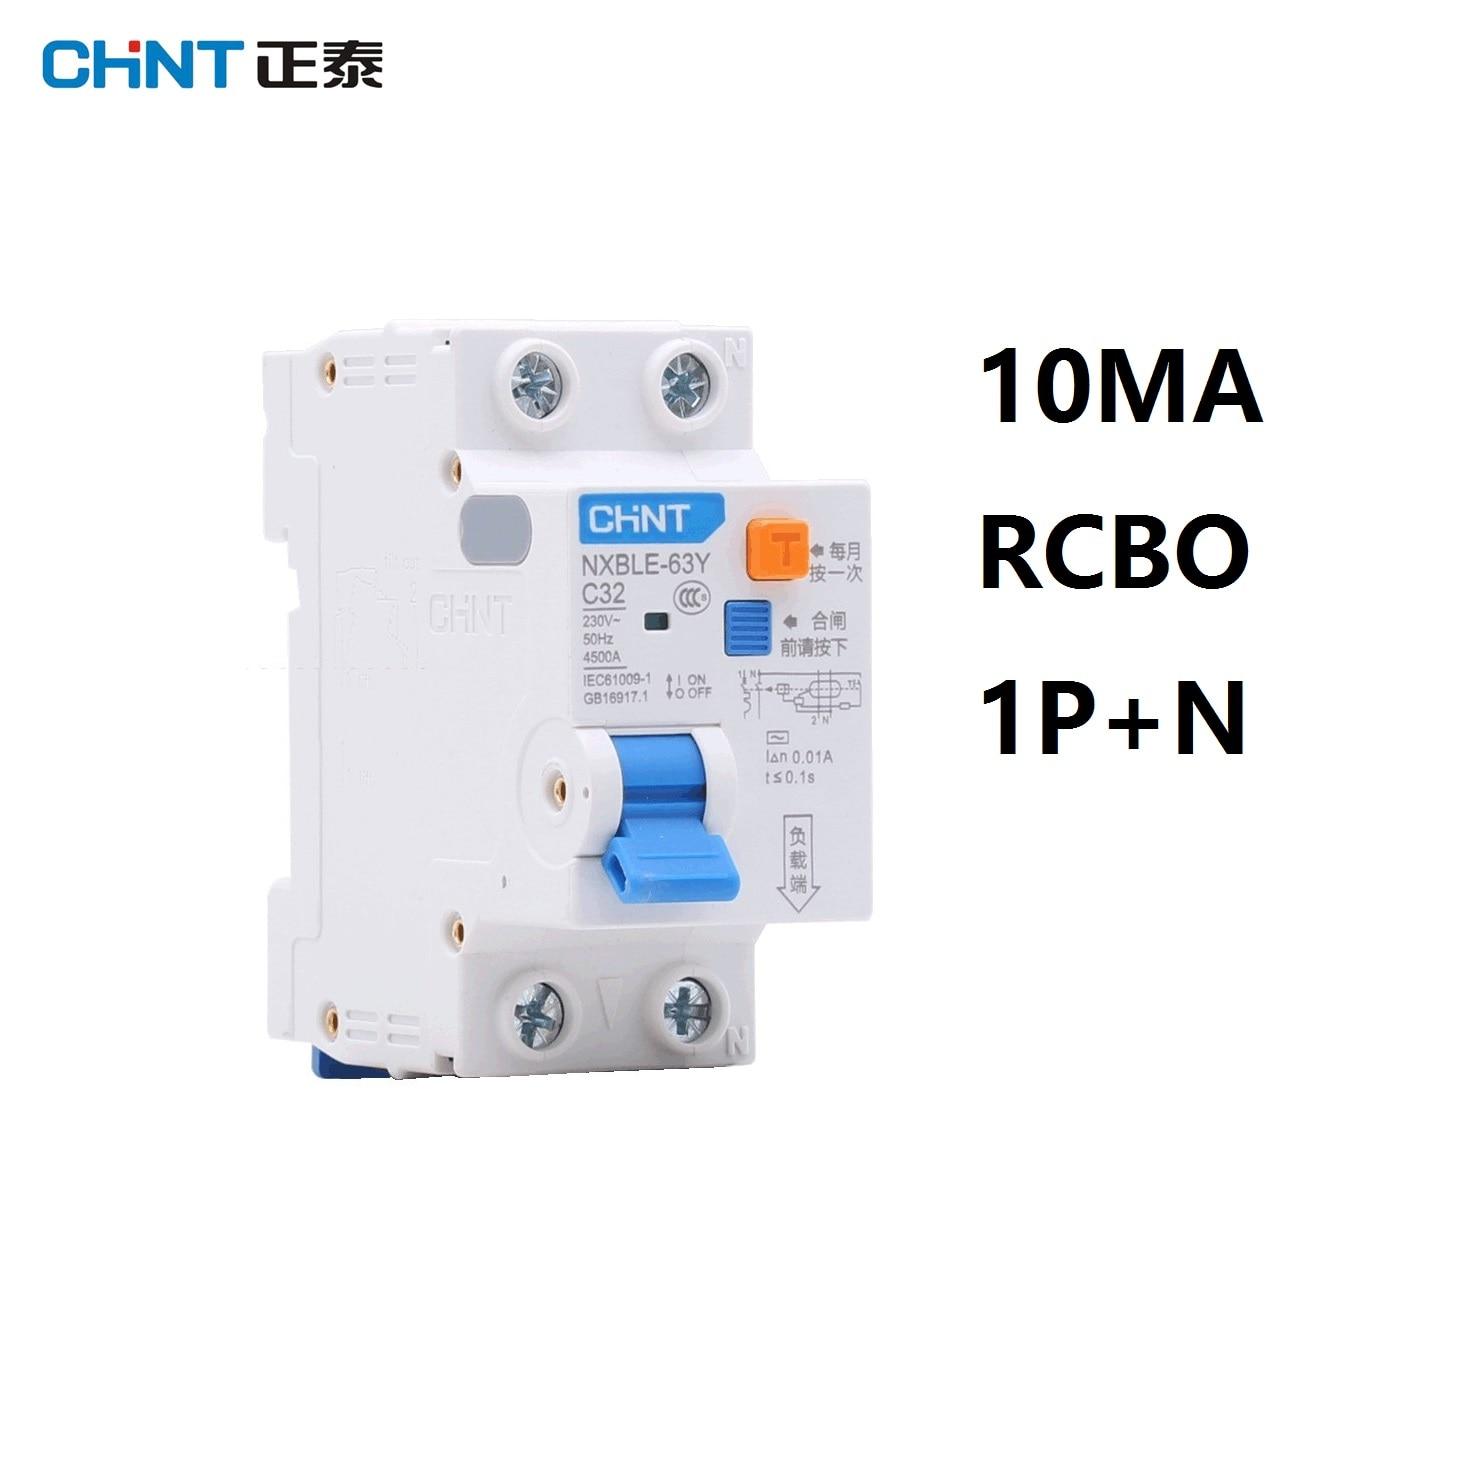 CHINT NXBLE-63Y 6A 10A 16A 32A 63A 10MA 0.01A RCBO 1 P + N 230 V disjuntor atual Residual sobre a corrente de proteção contra Vazamento